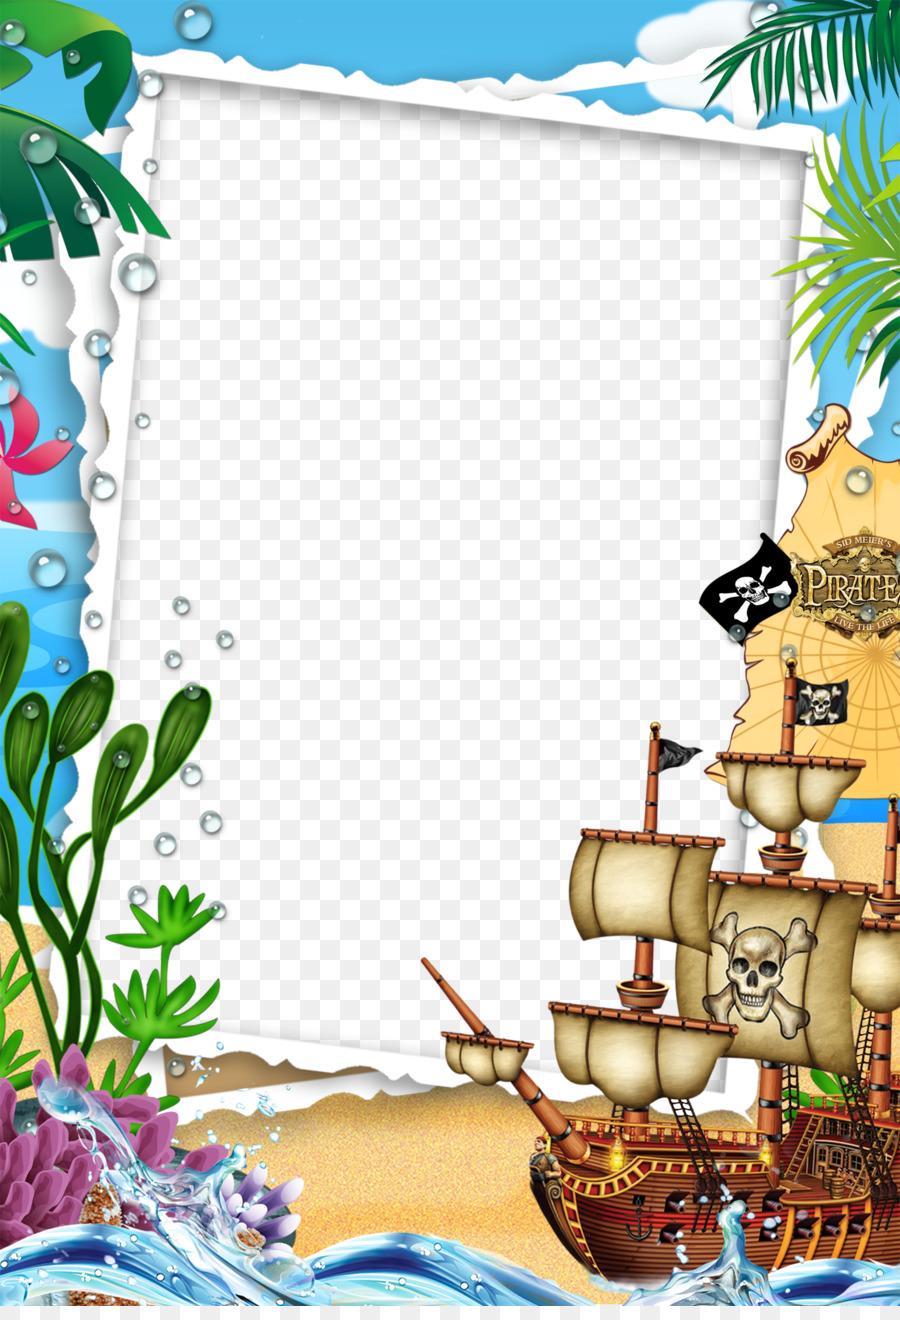 Картинки морской тематики для детского сада для оформления